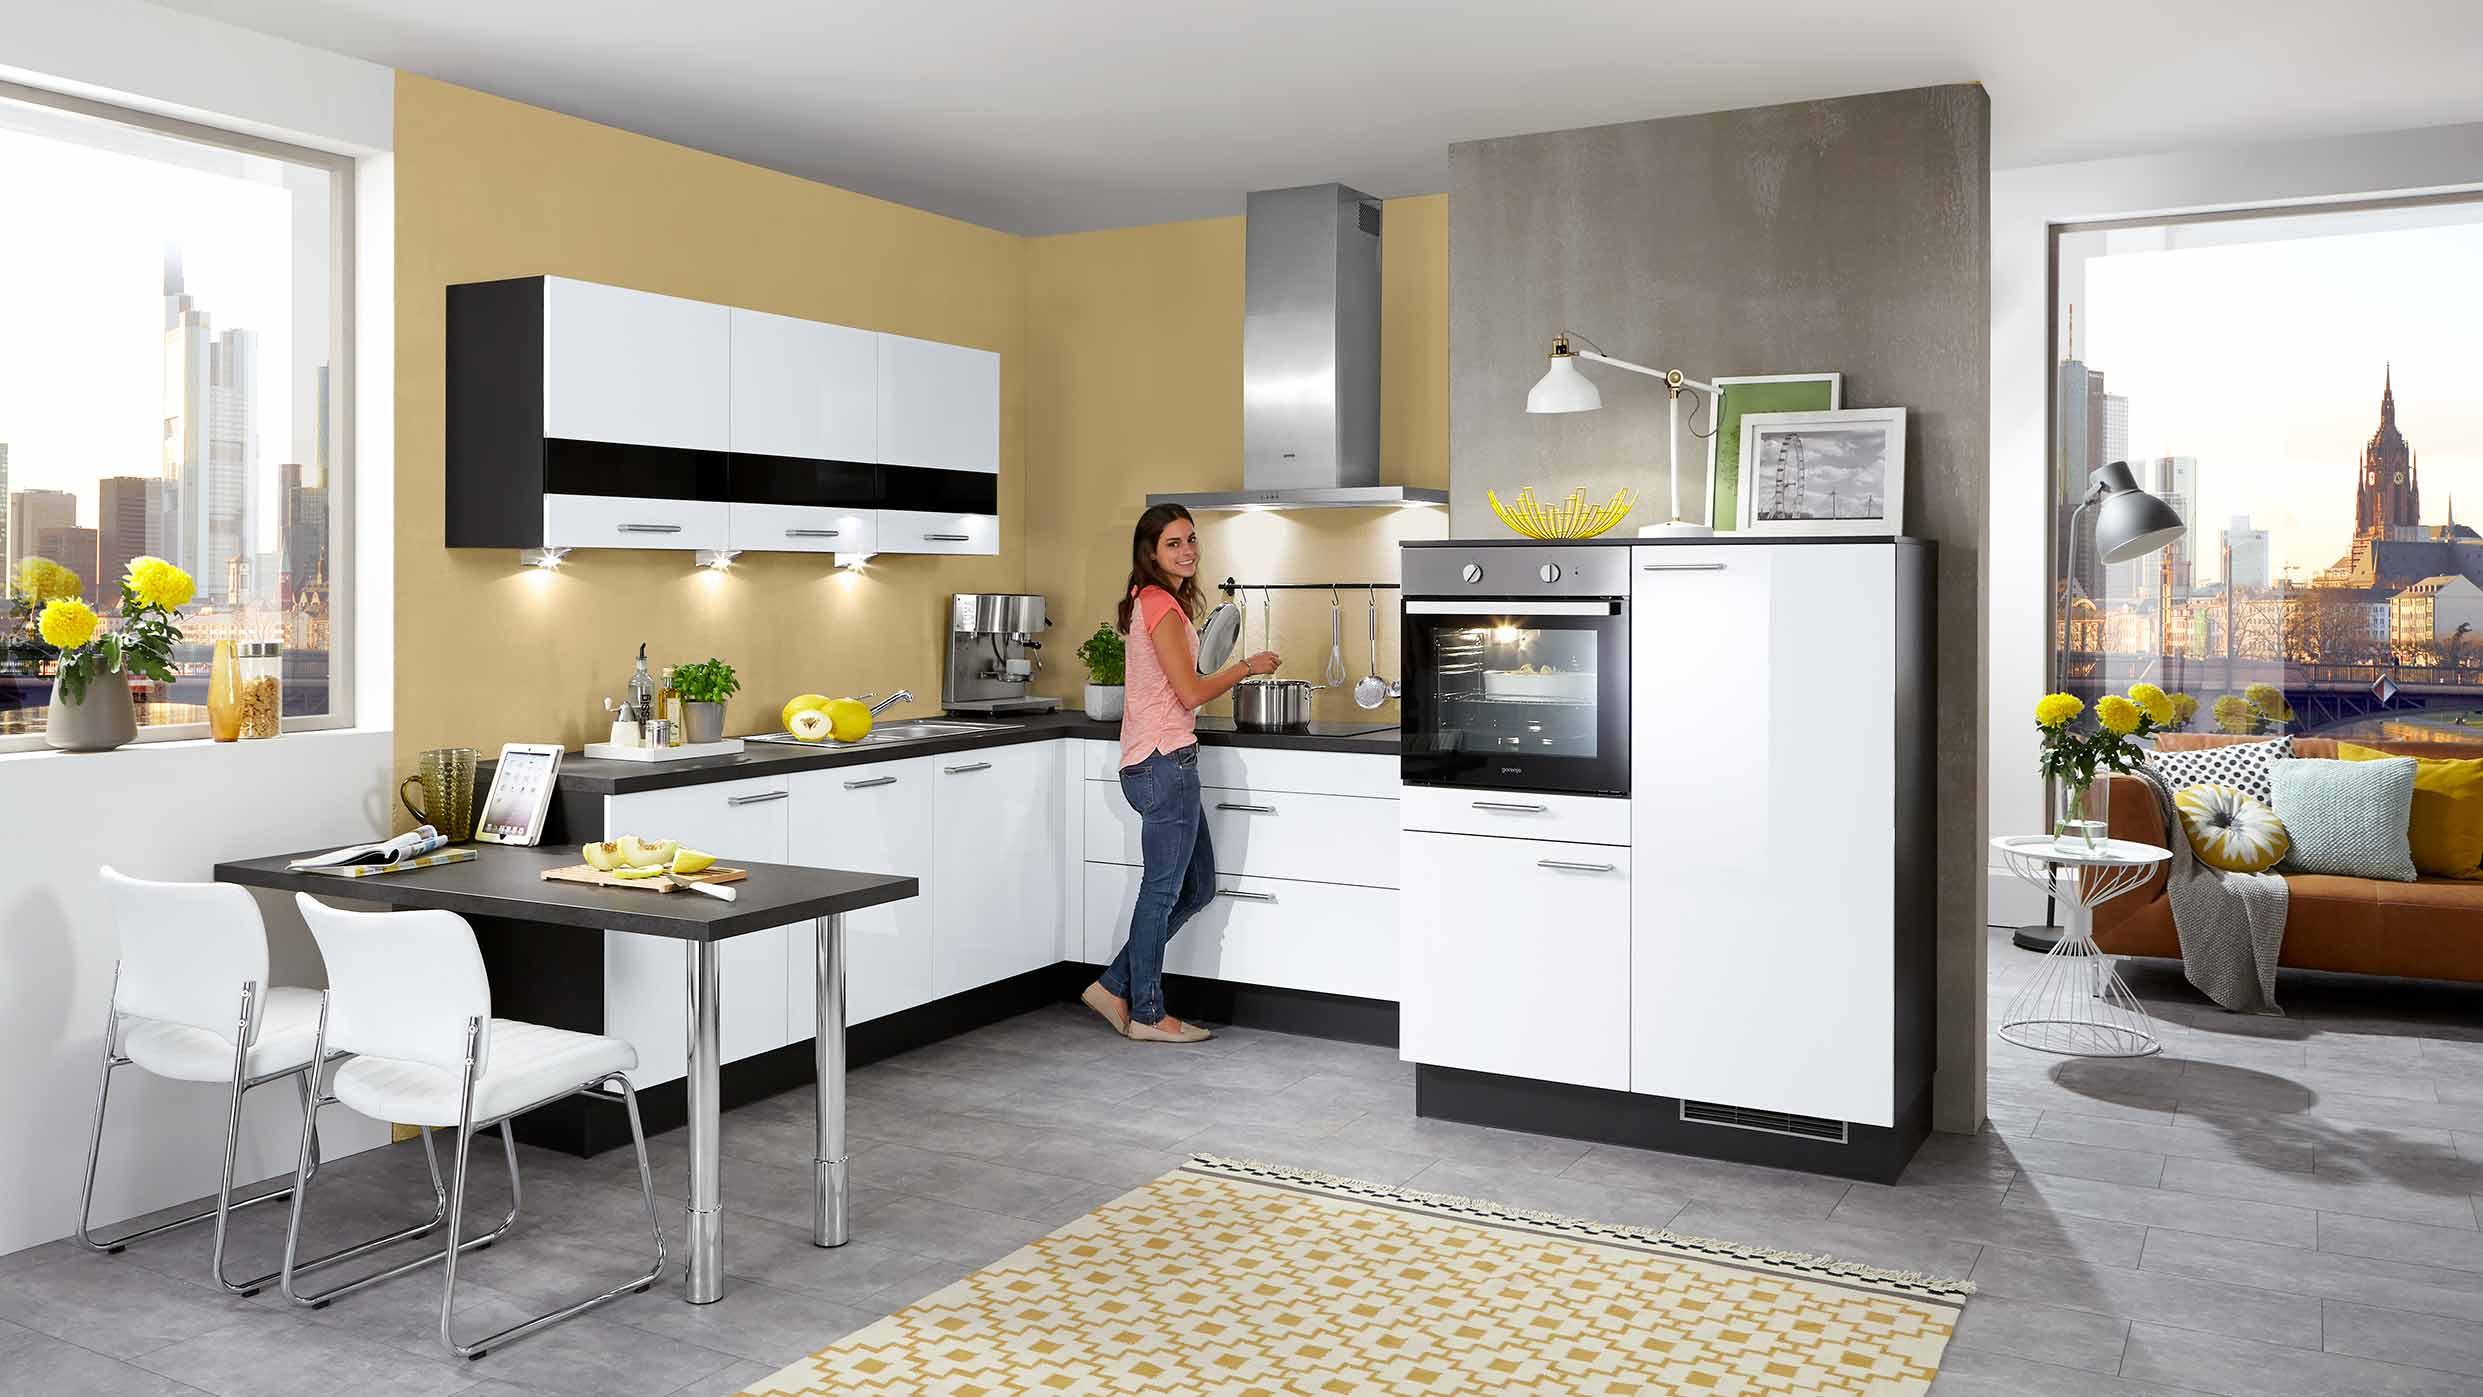 k chen vollservice. Black Bedroom Furniture Sets. Home Design Ideas